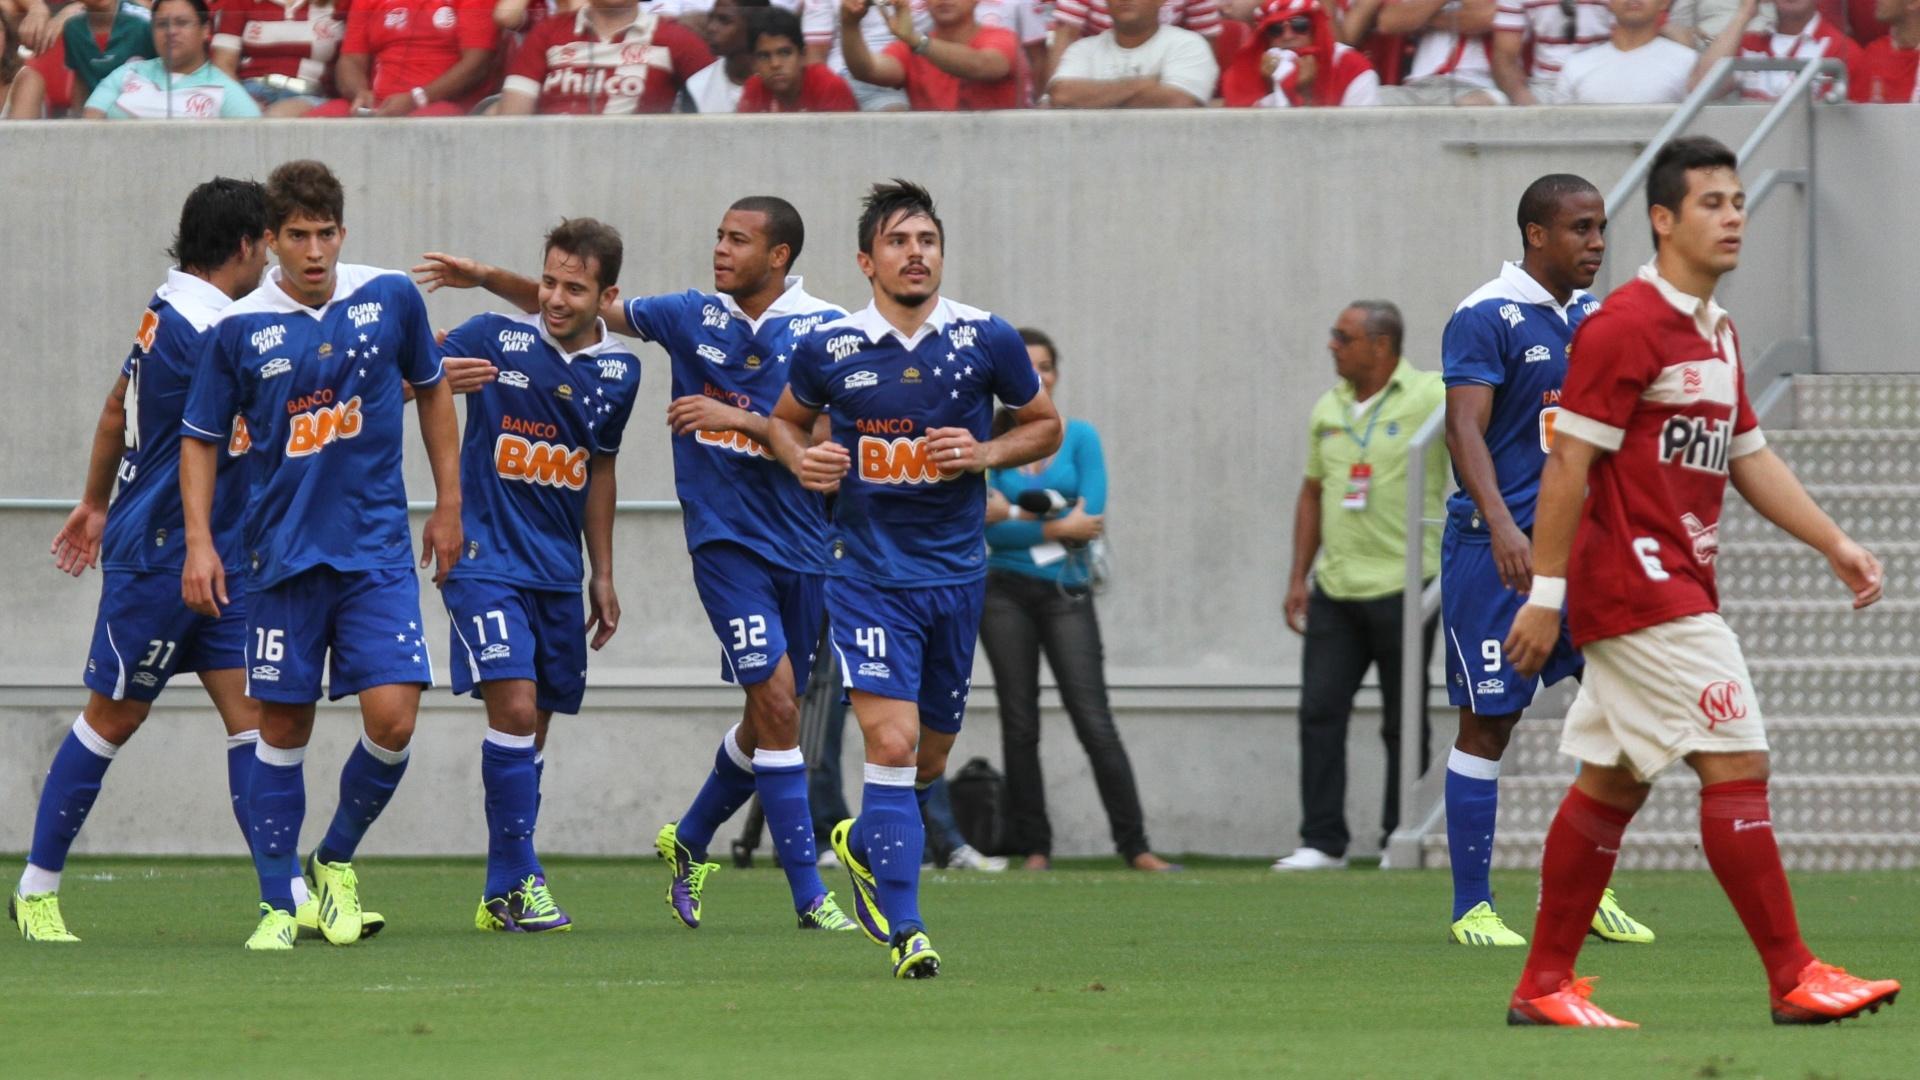 06.out.2013 - Jogadores do Cruzeiro comemoram gol anotado por Ricardo Goulart, em jogo contra o Náutico